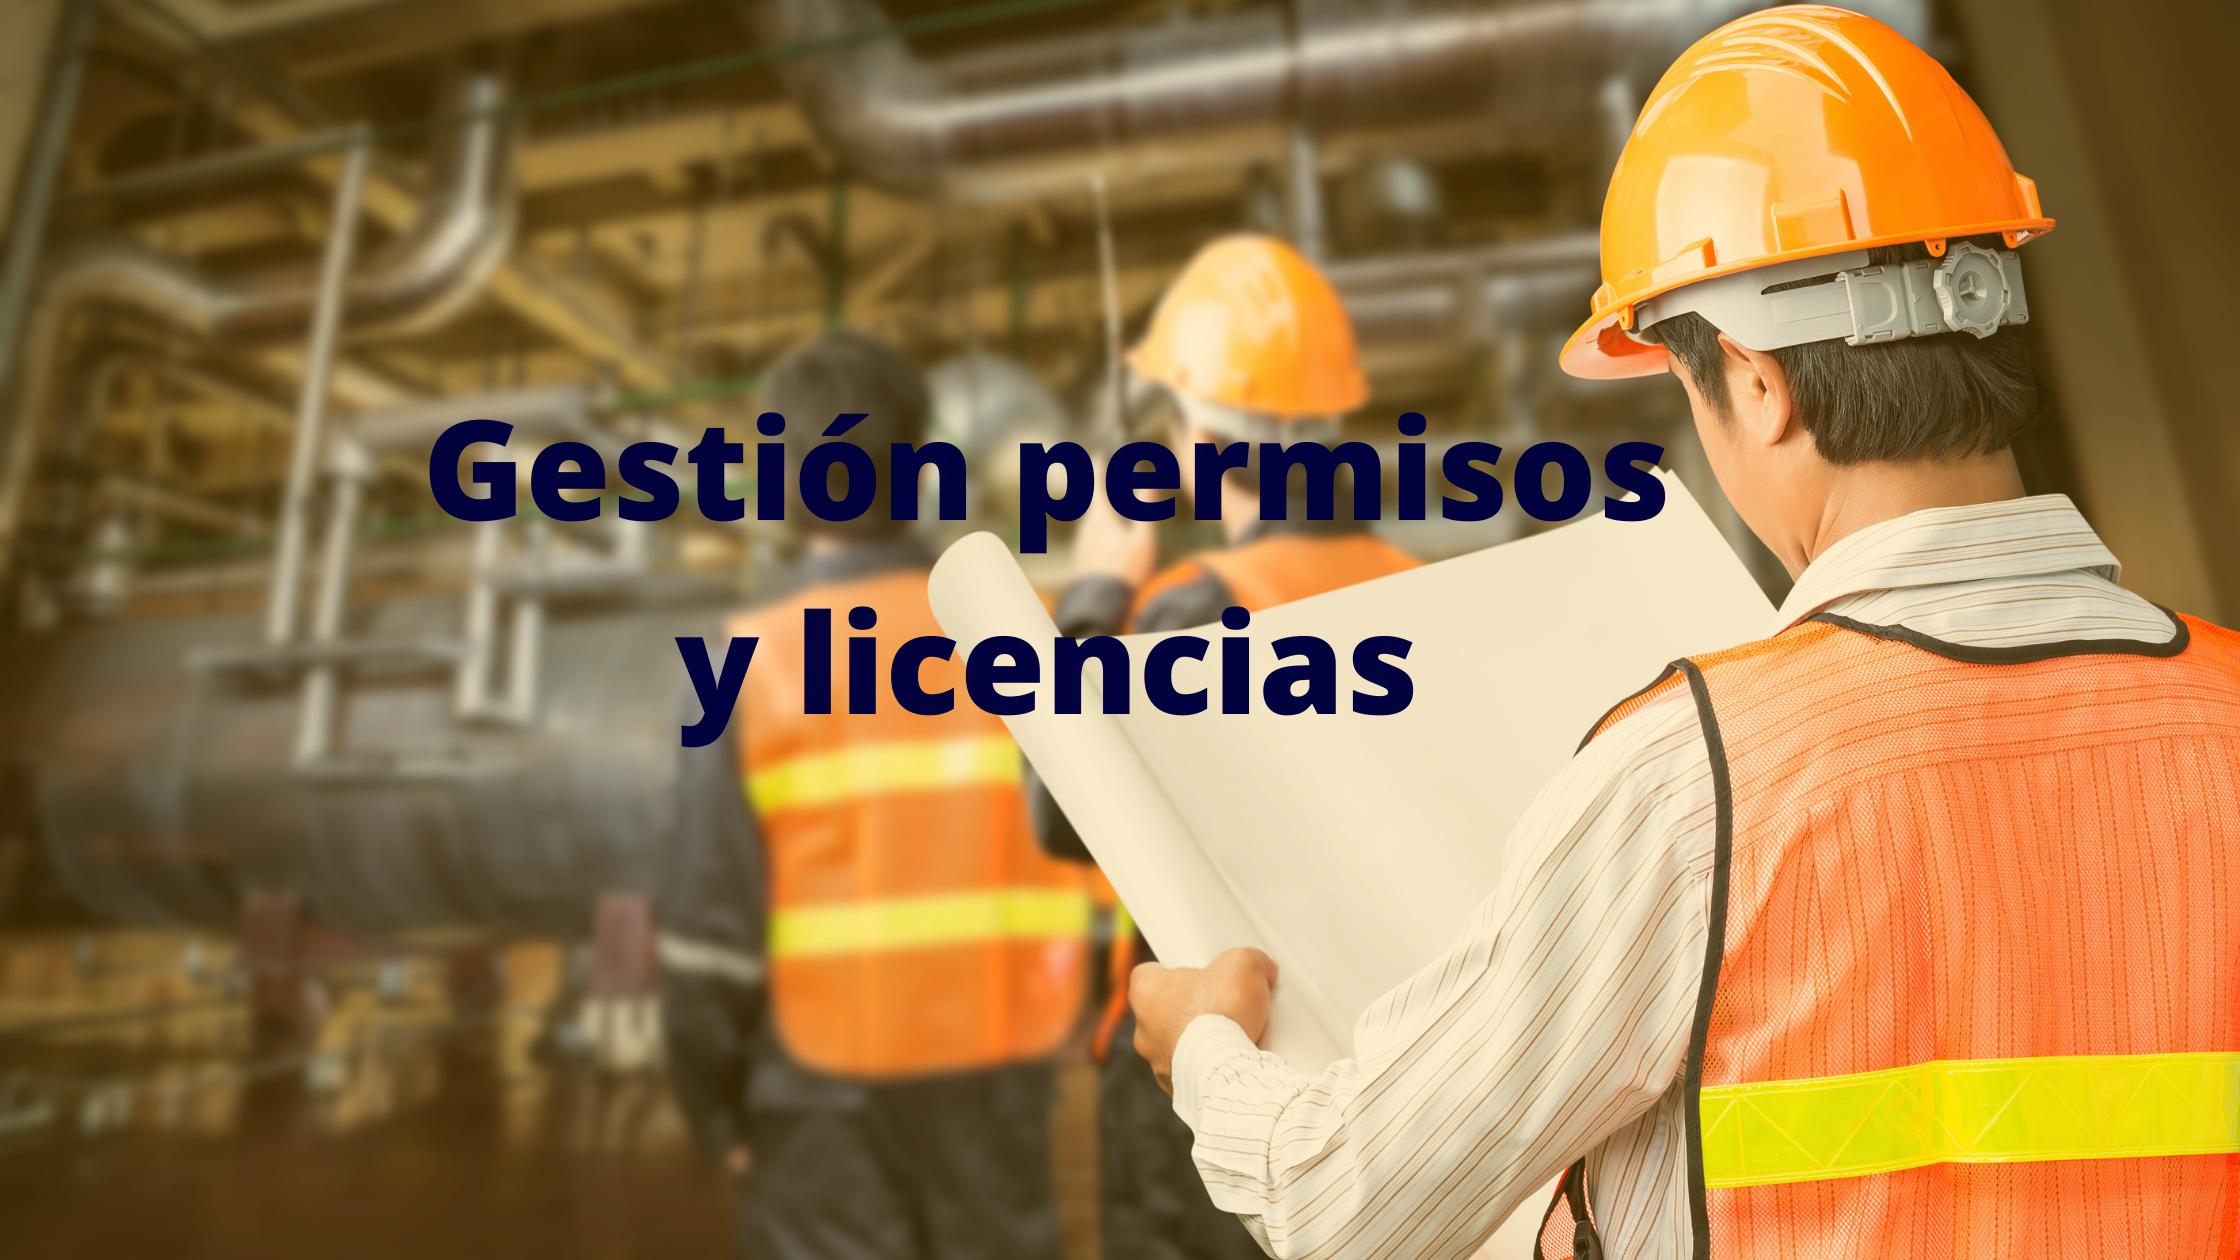 confiasistencia se encarga de la gestion de permisos y licencias